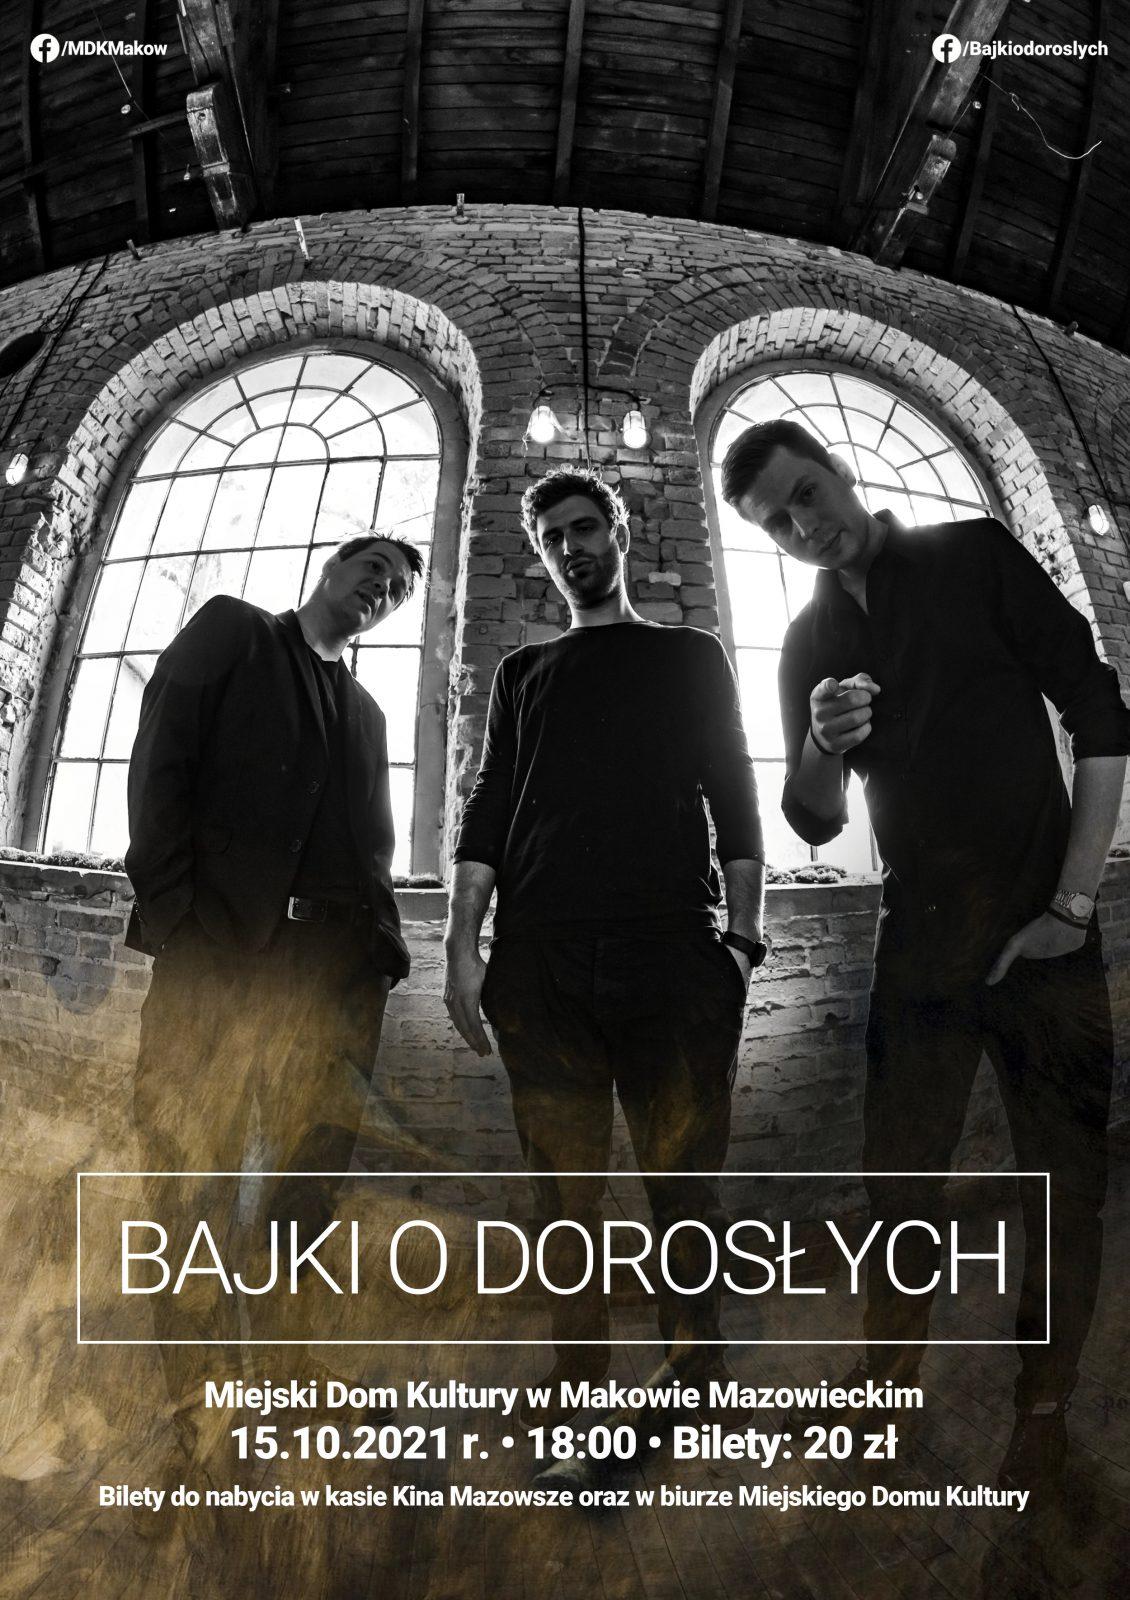 Plakat. Koncert Bajki o Dorosłych. 15 października 2021. godzina 18:00. Cena biletu 20 zł